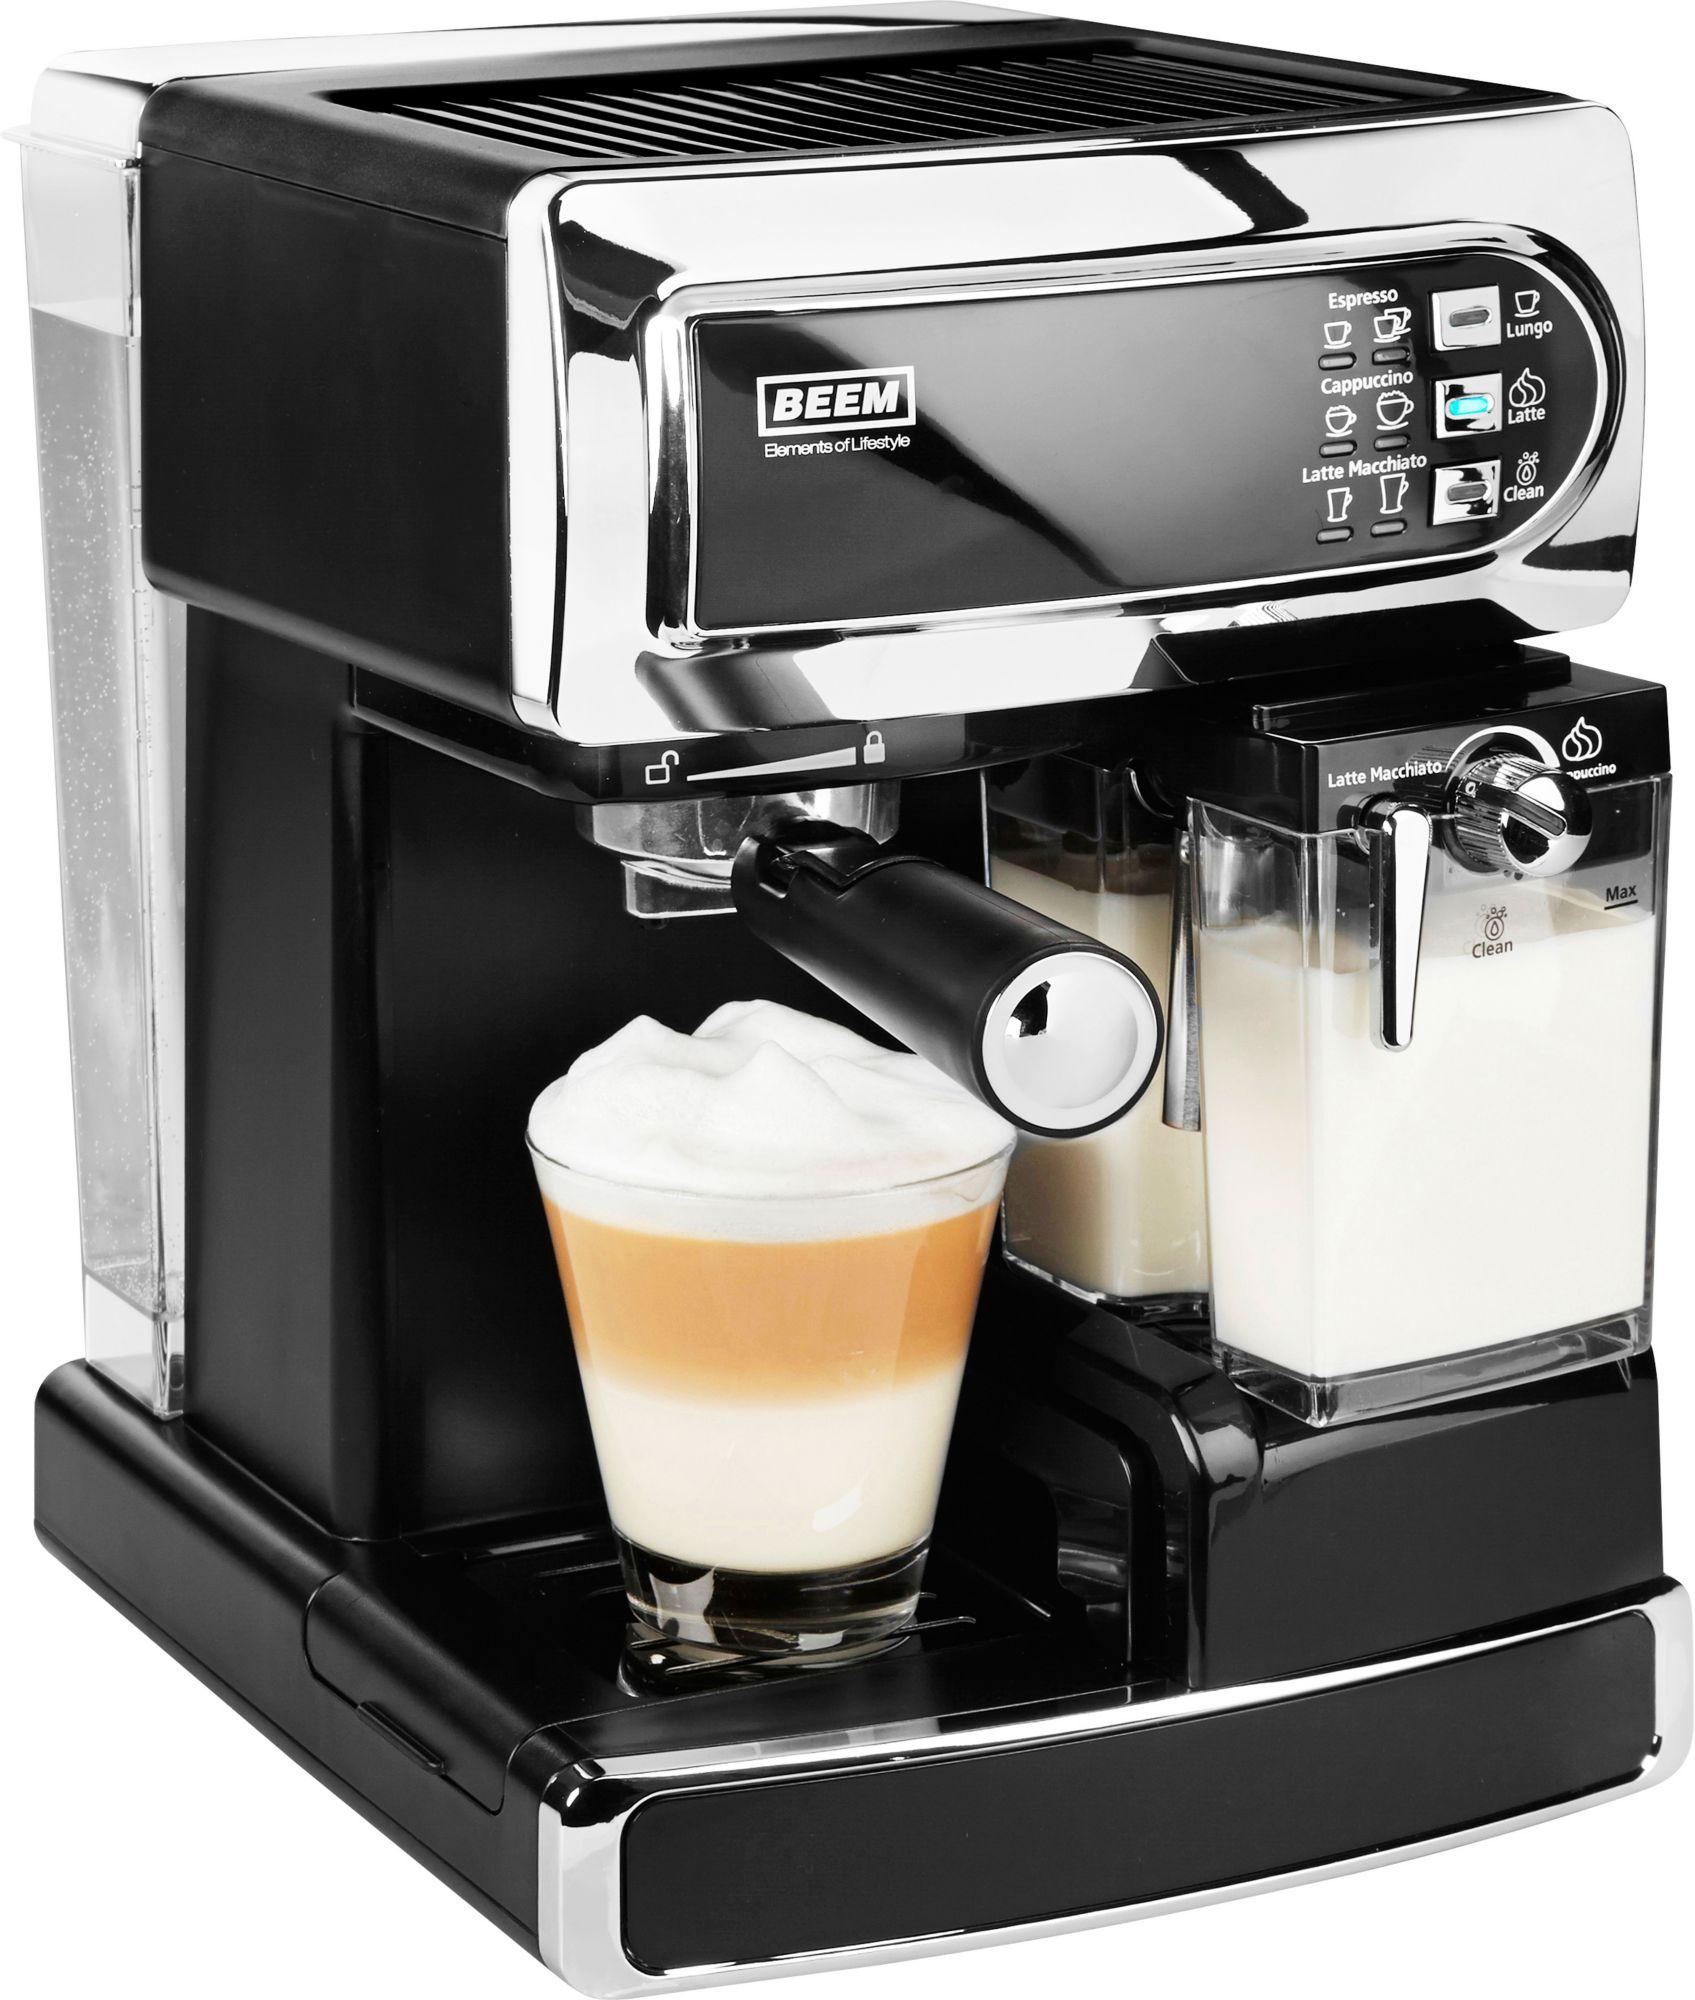 beem siebtr ger kaffee espressomaschine i joy caf. Black Bedroom Furniture Sets. Home Design Ideas